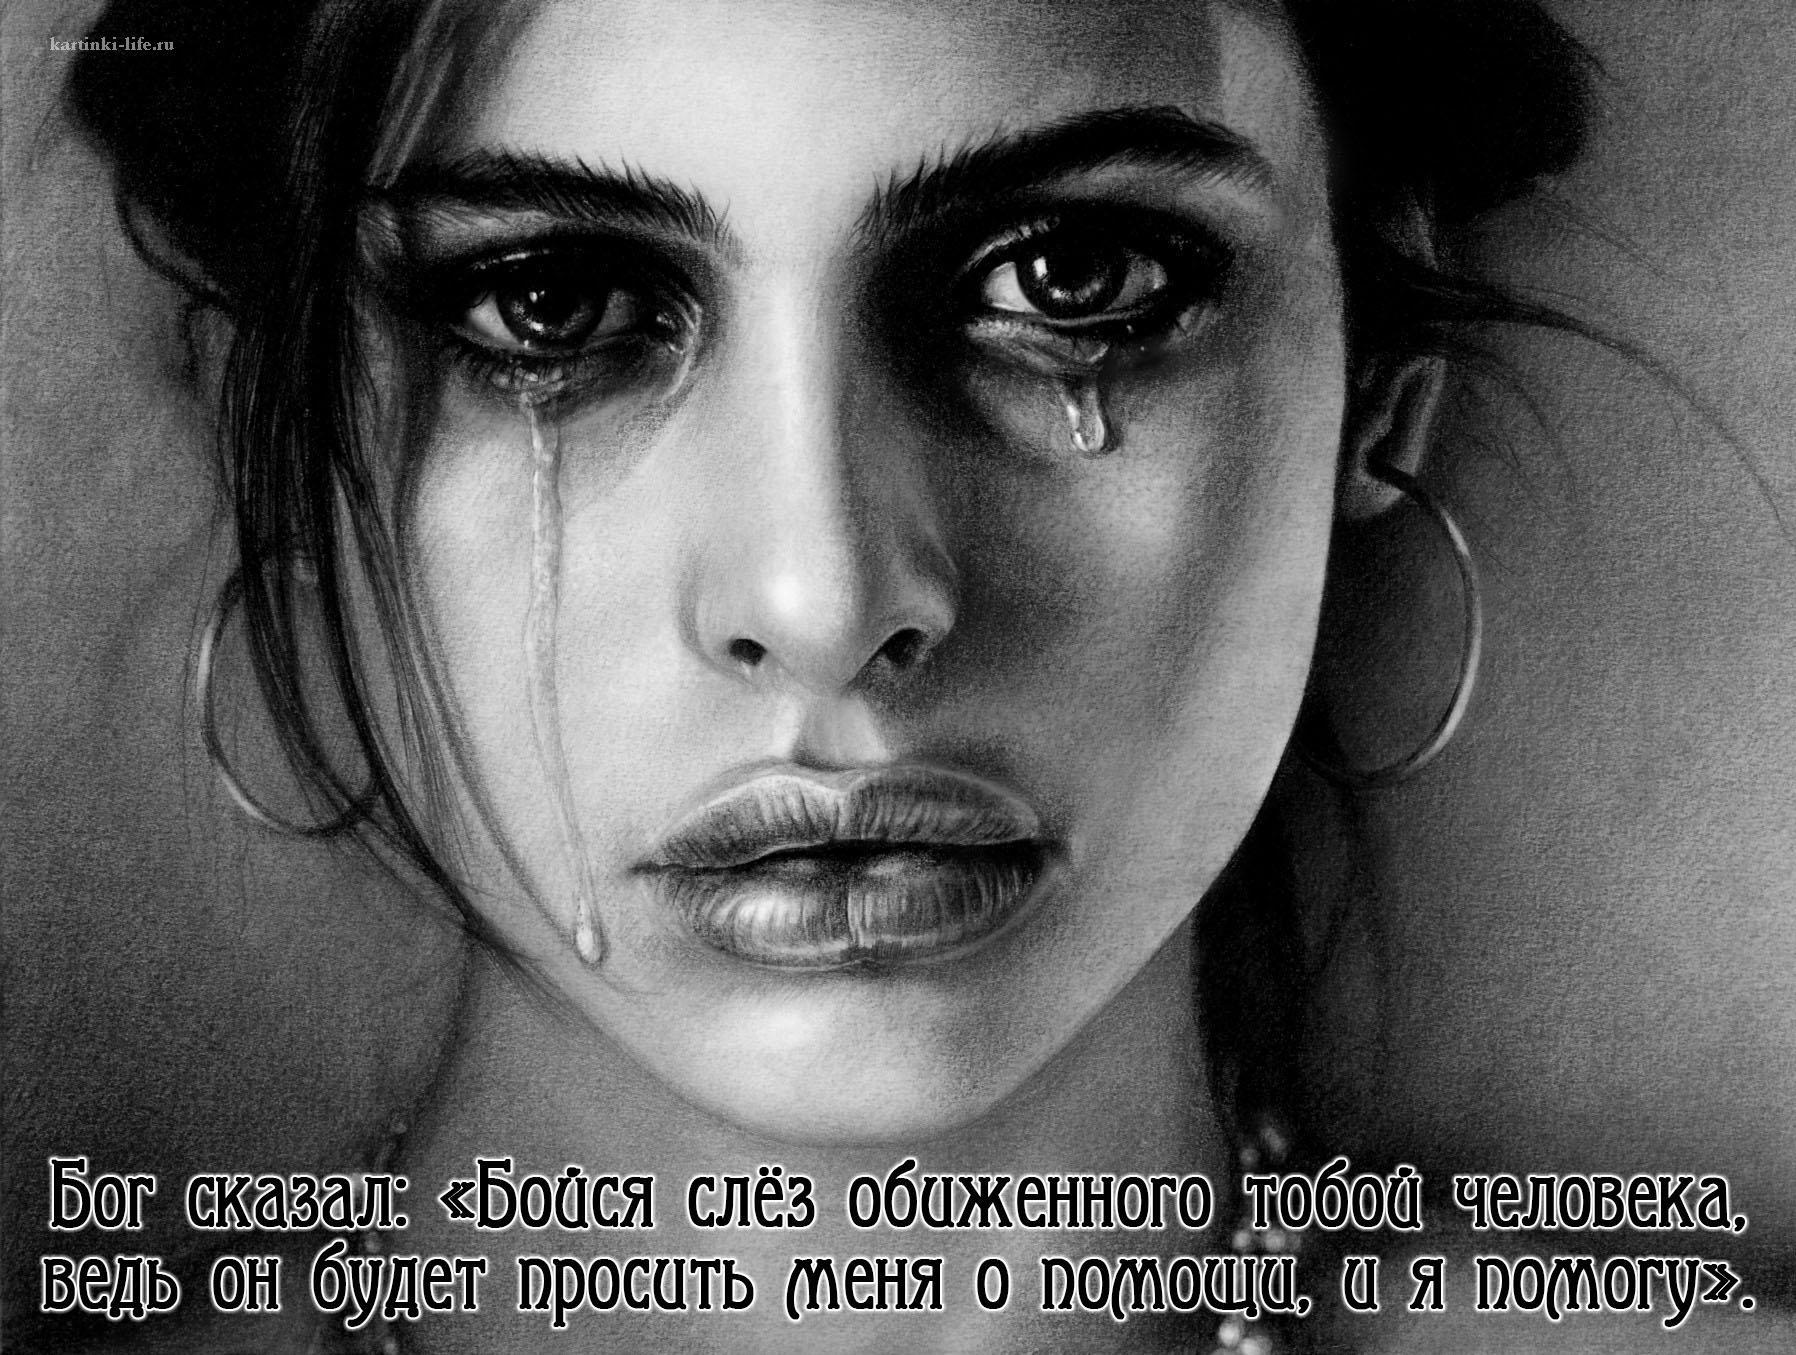 Бог сказал: «Бойся слёз обиженного тобой человека, ведь он будет просить меня о помощи, и я помогу».